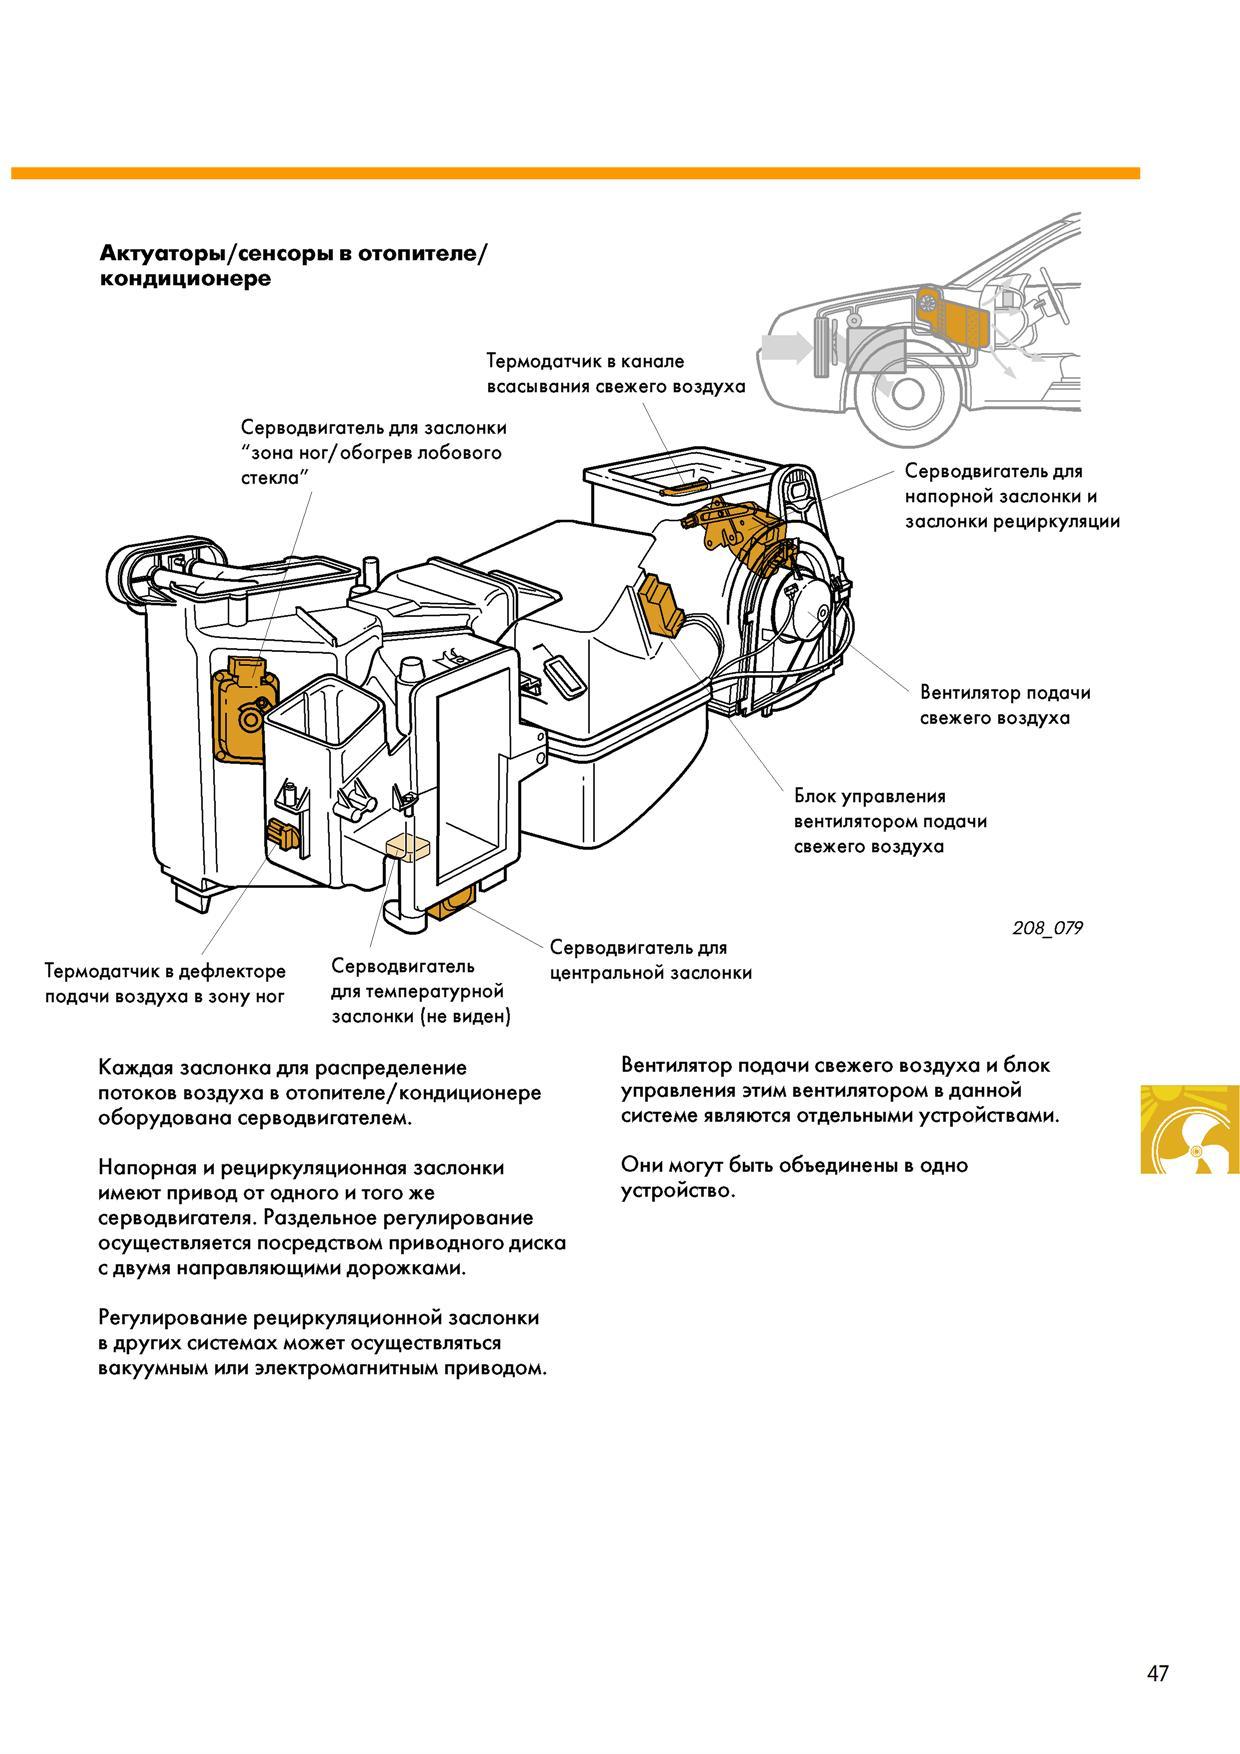 схема блок управления климат-контроль ауди 100 с4